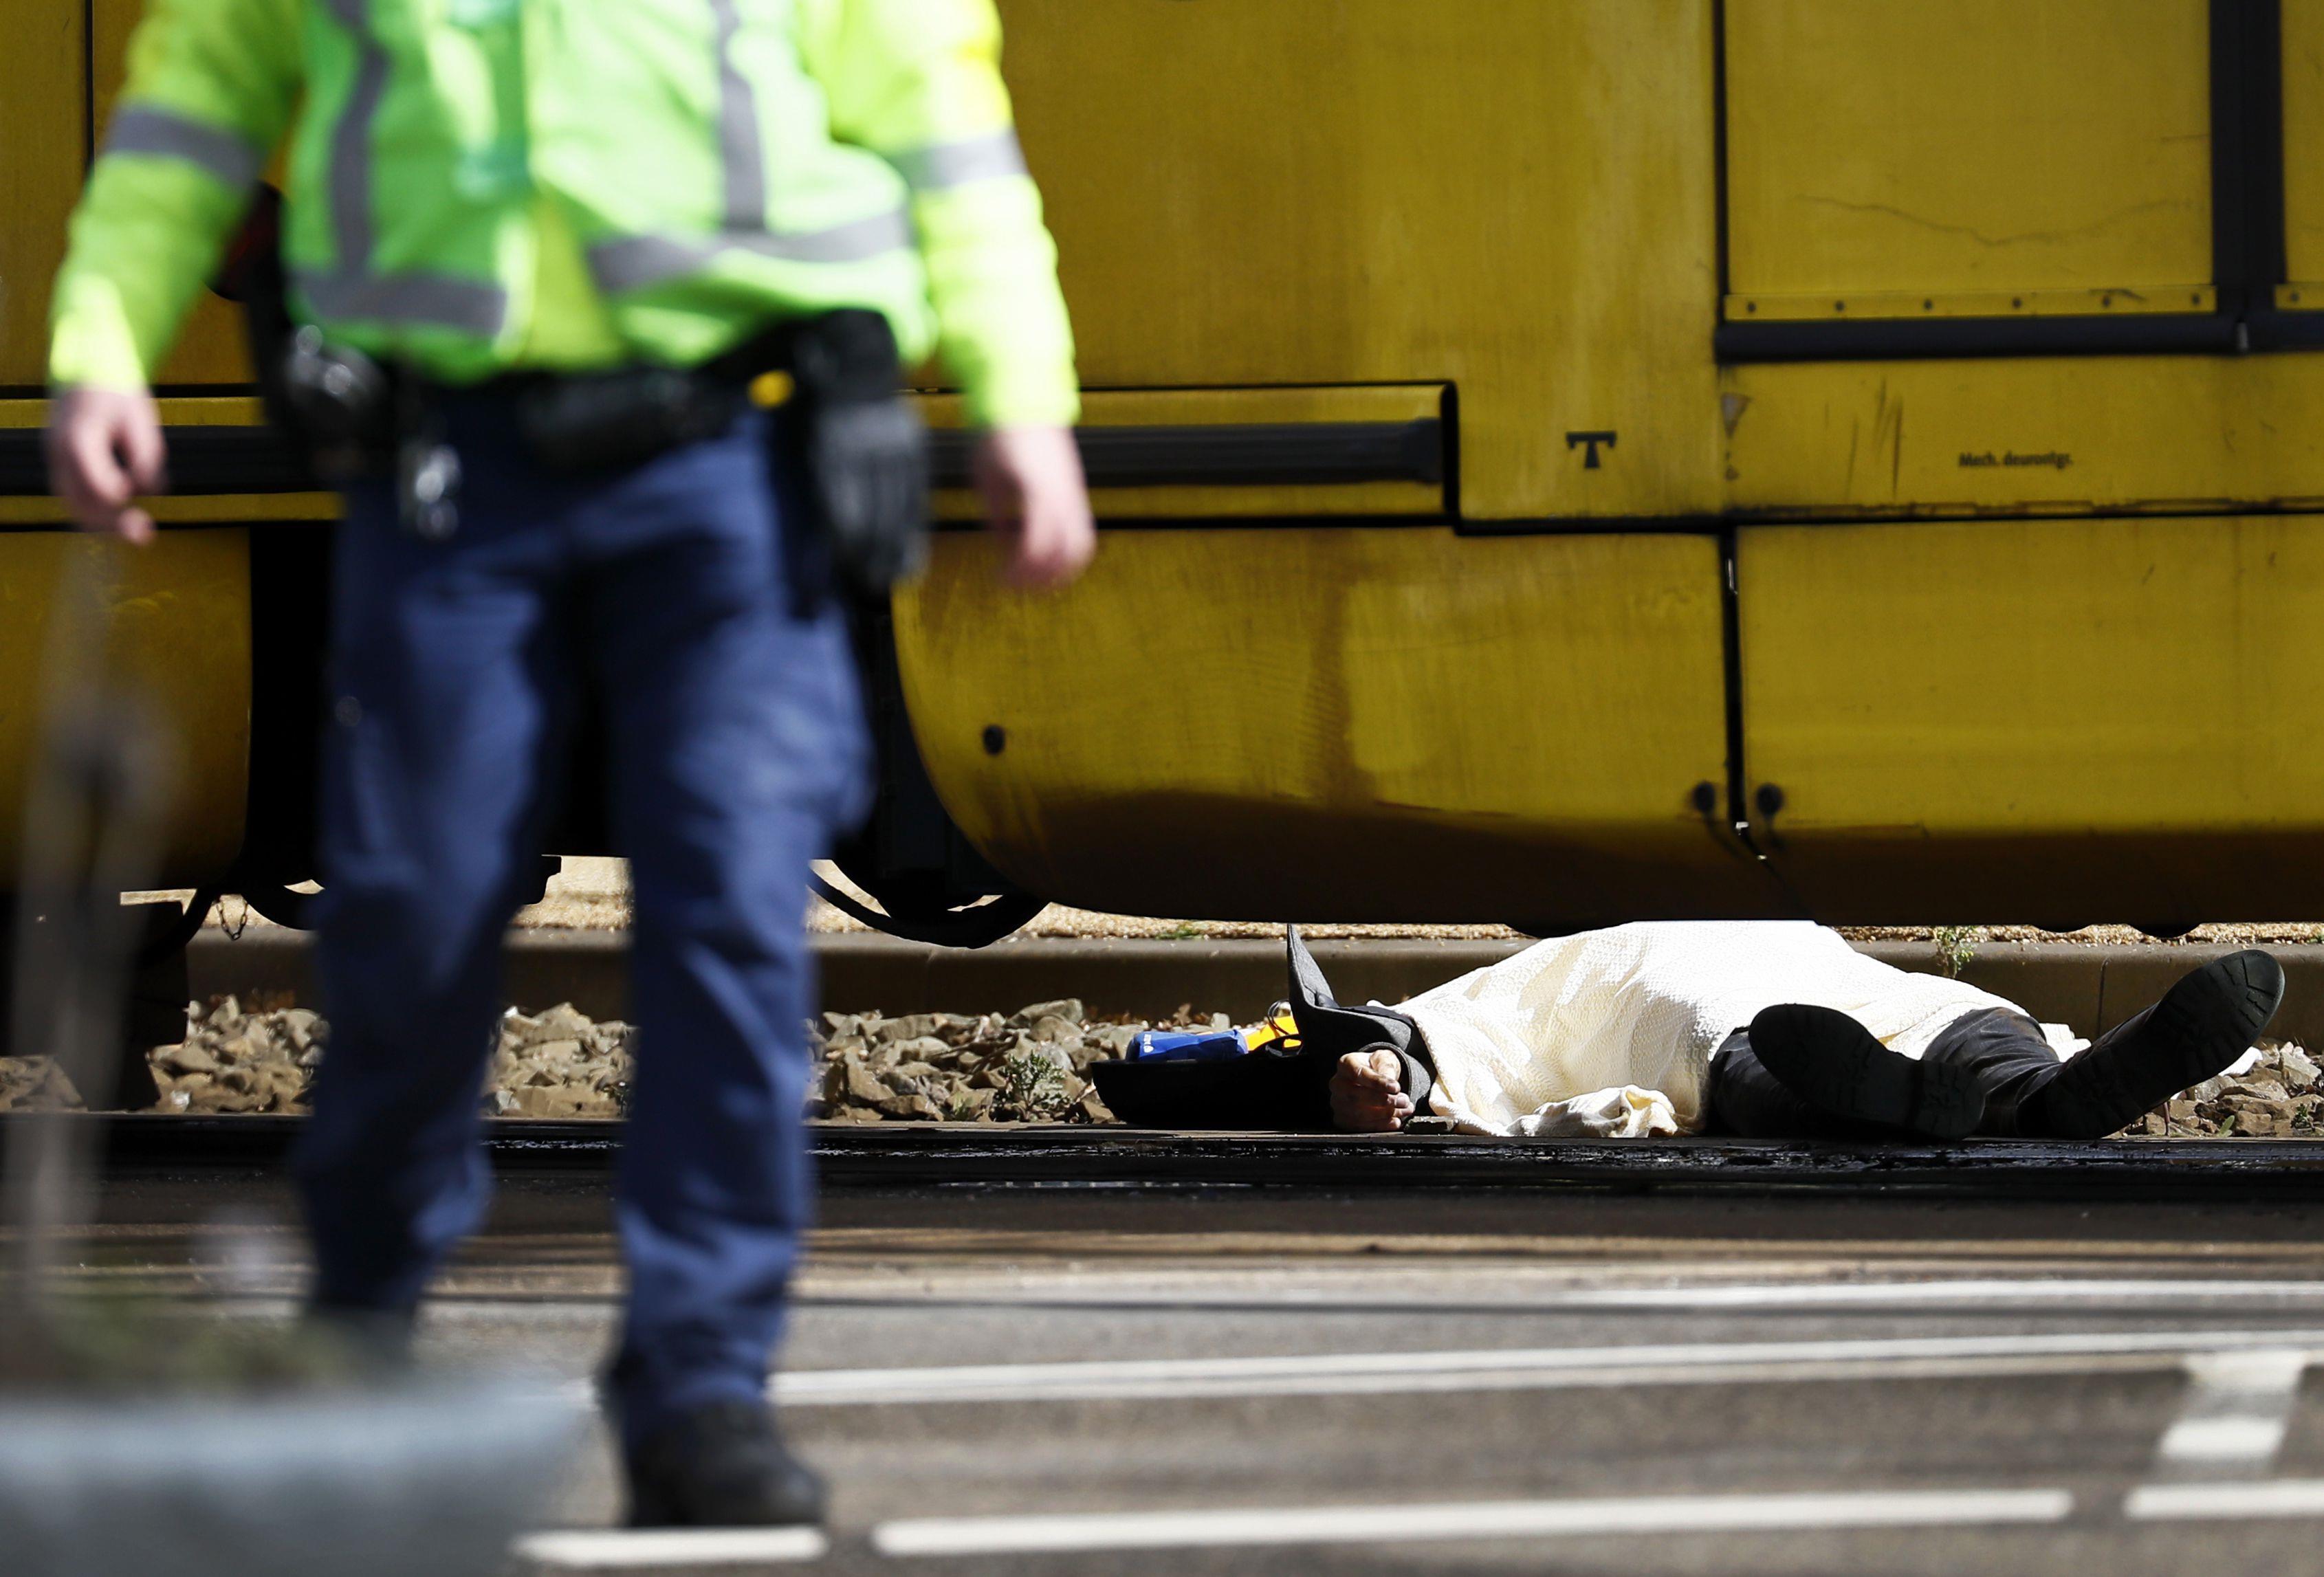 El atacante habría incurrido de forma violenta en un tranvía de Utrecht. Foto: AFP